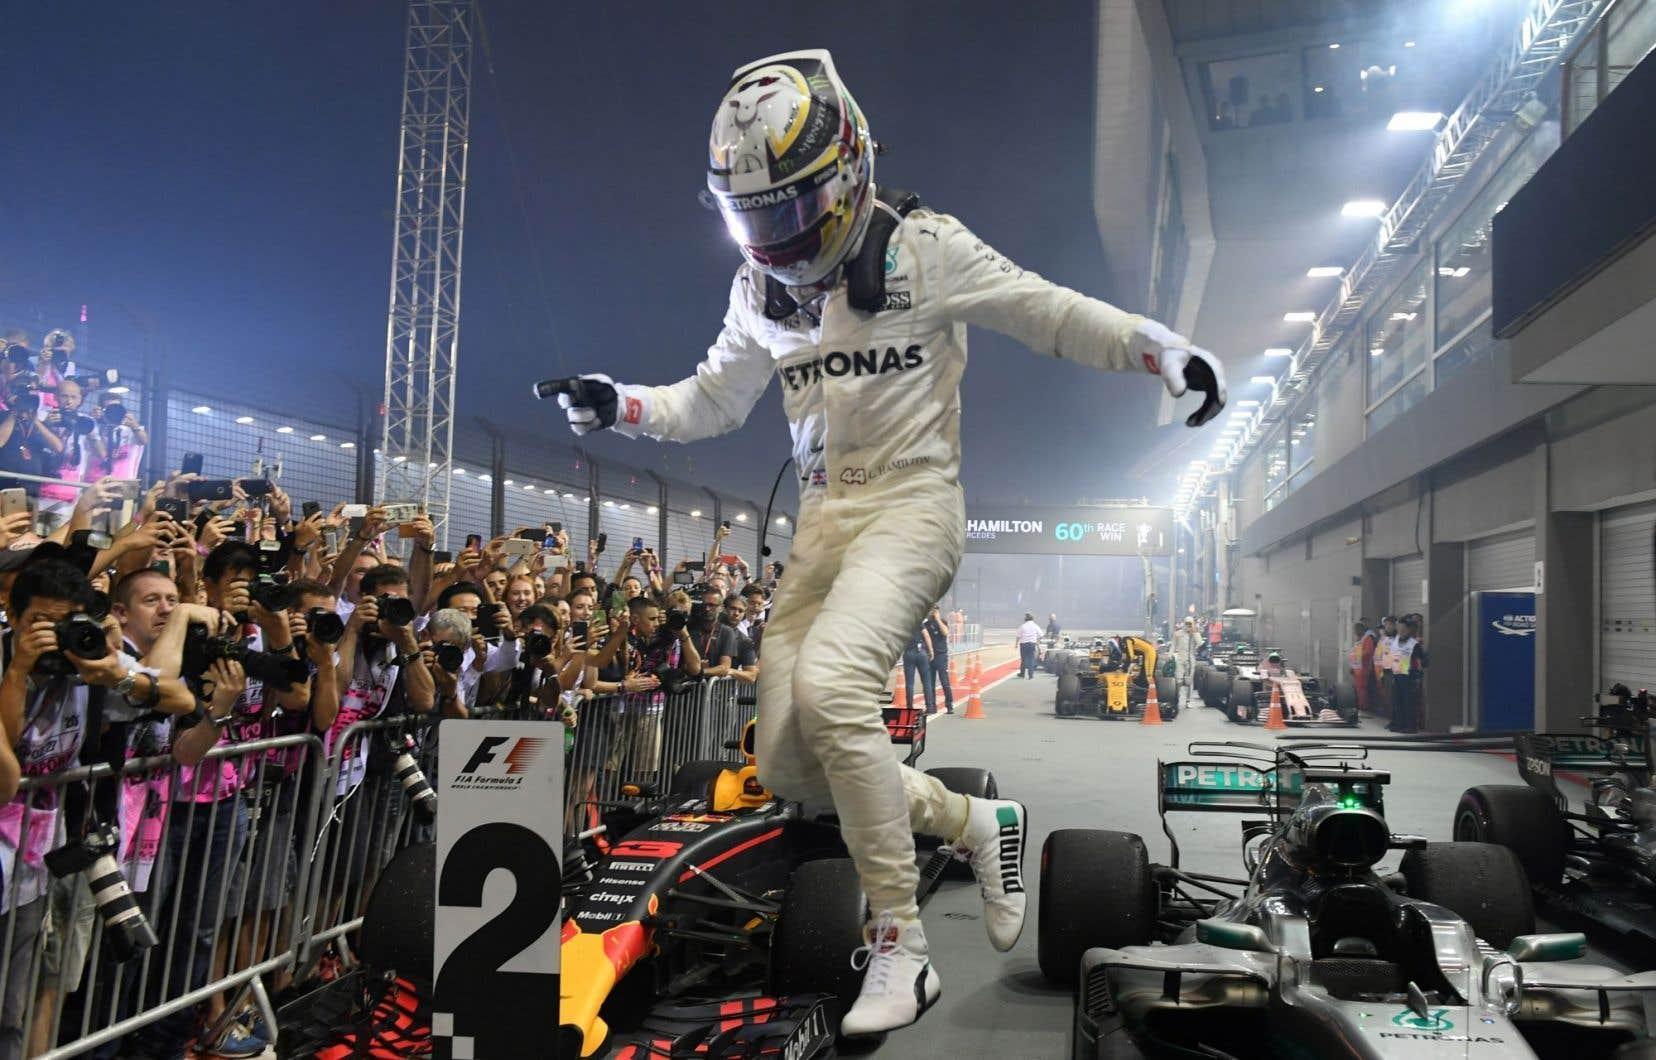 Lewis Hamilton a signé sa septième victoire de la campagne, et sa 60eau total.